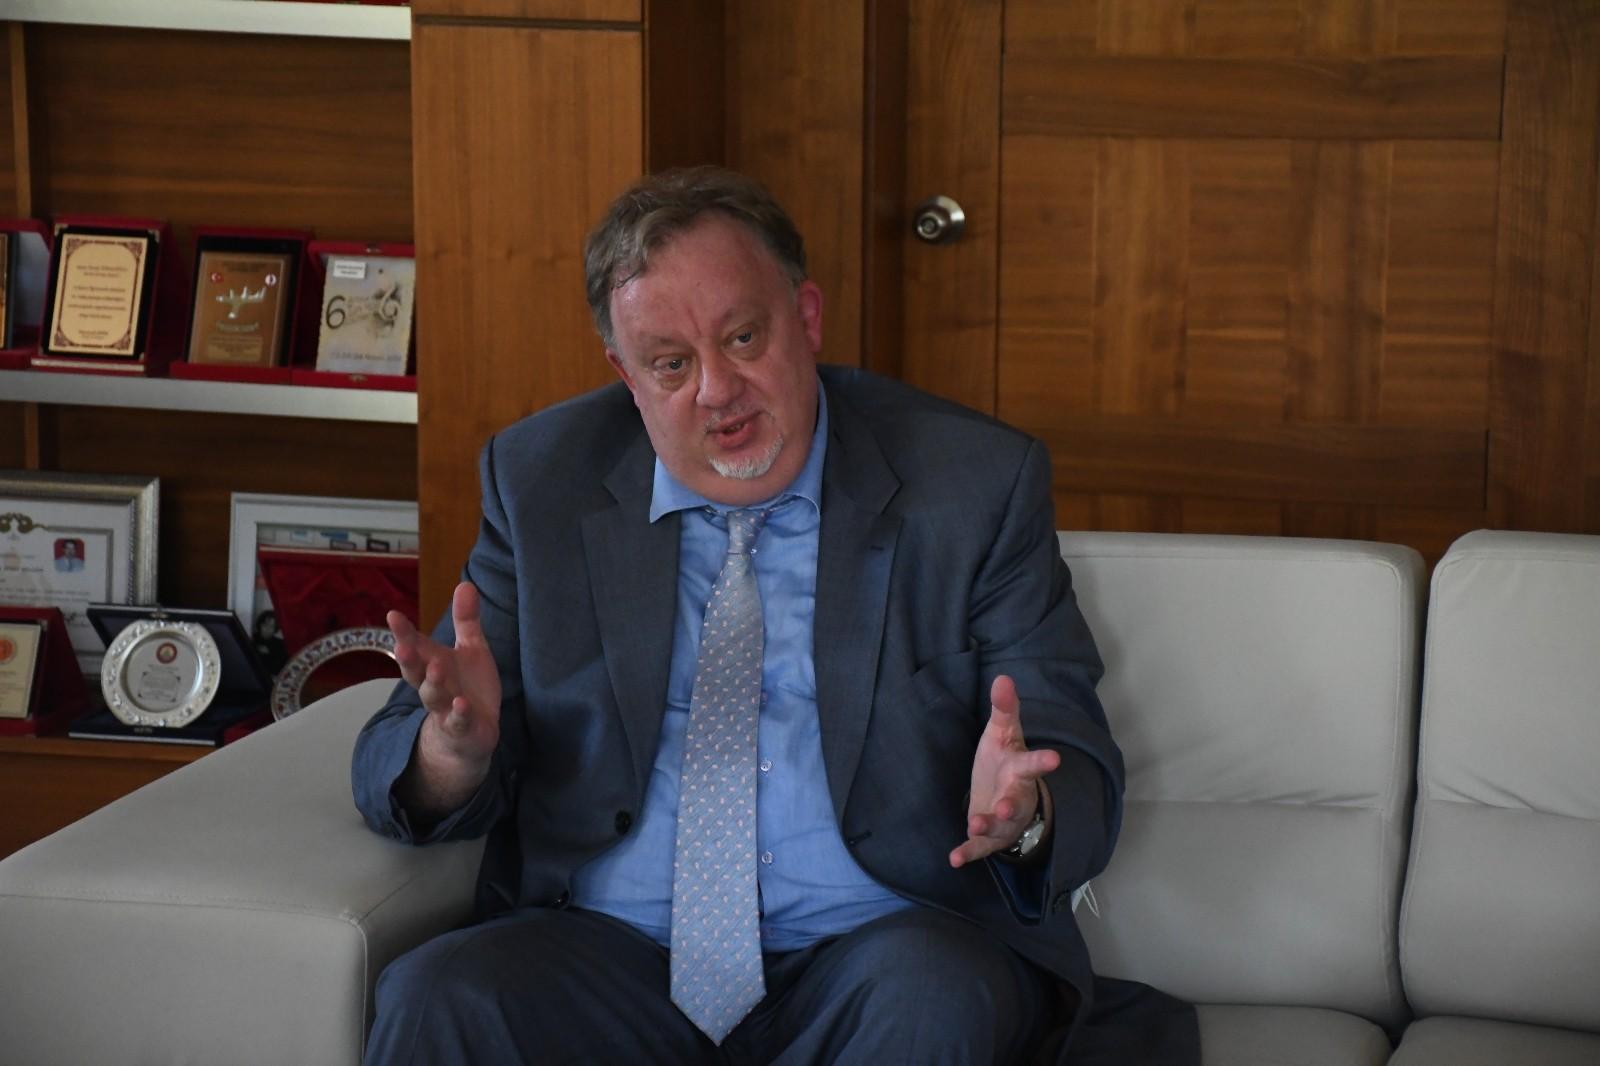 Kemer Belediye Başkanı Necati Topaloğlu ile bir araya gelen Rusya Antalya Konsolosu Oleg Rogoza açıklamalarda bulundu